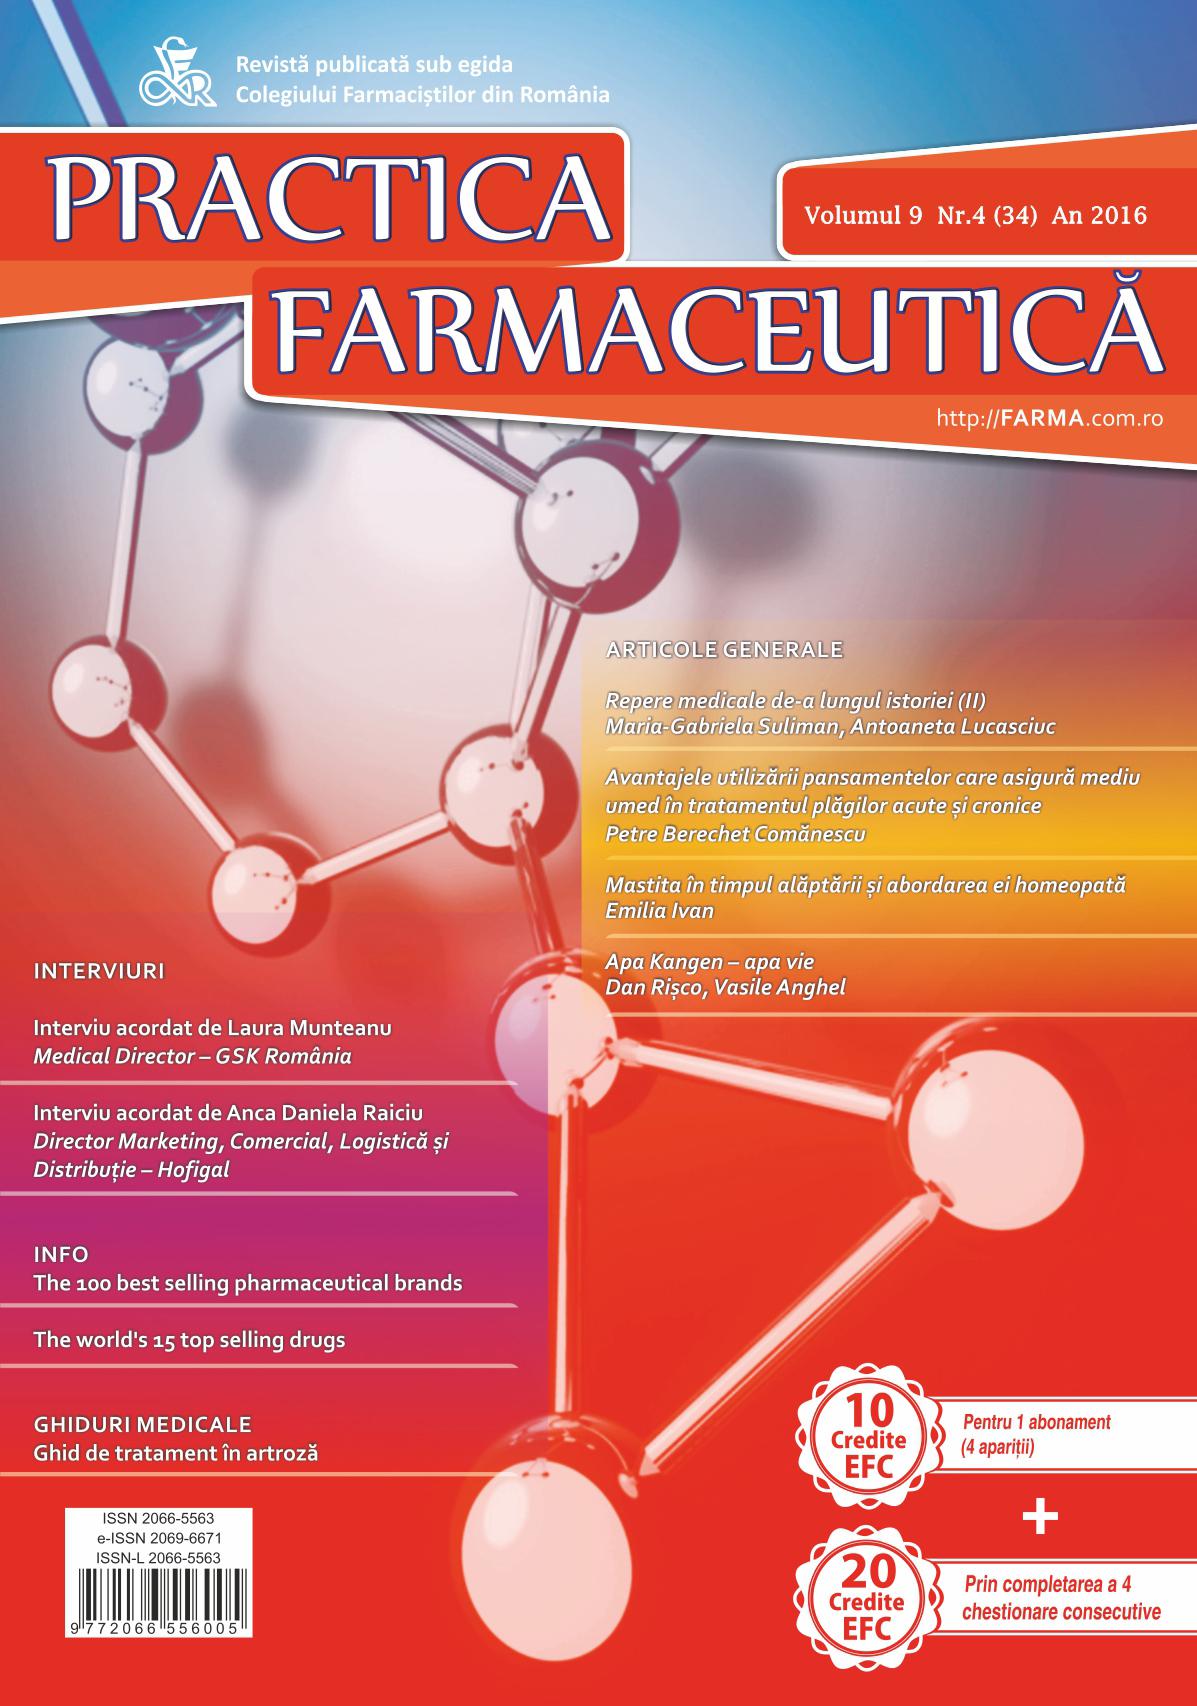 tratamentul cu artroza burdenko omega-3 glucozamină și condroitină